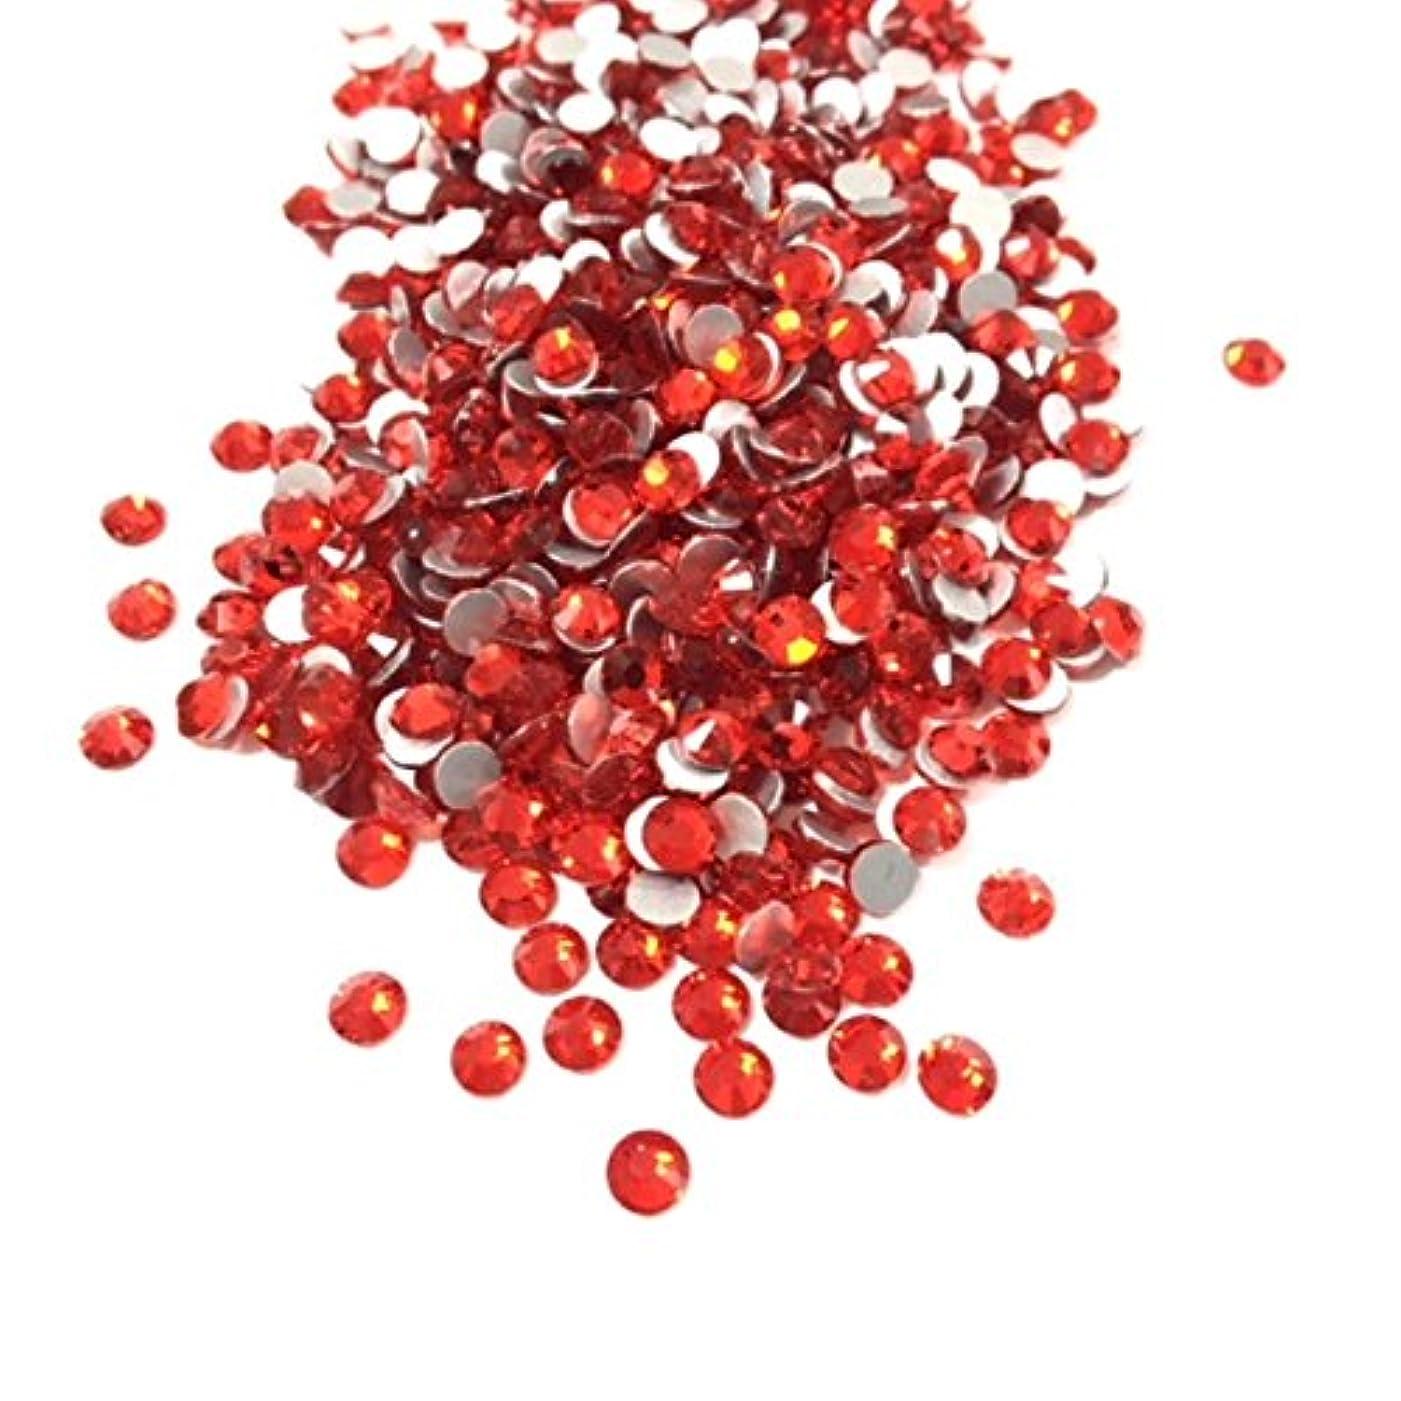 克服する駅おなかがすいた【ネイルウーマン】最高品質ガラスストーン!スワロ同等の輝き! ライトシャム レッド 赤 (約100粒入り) (SS16, ライトシャム)